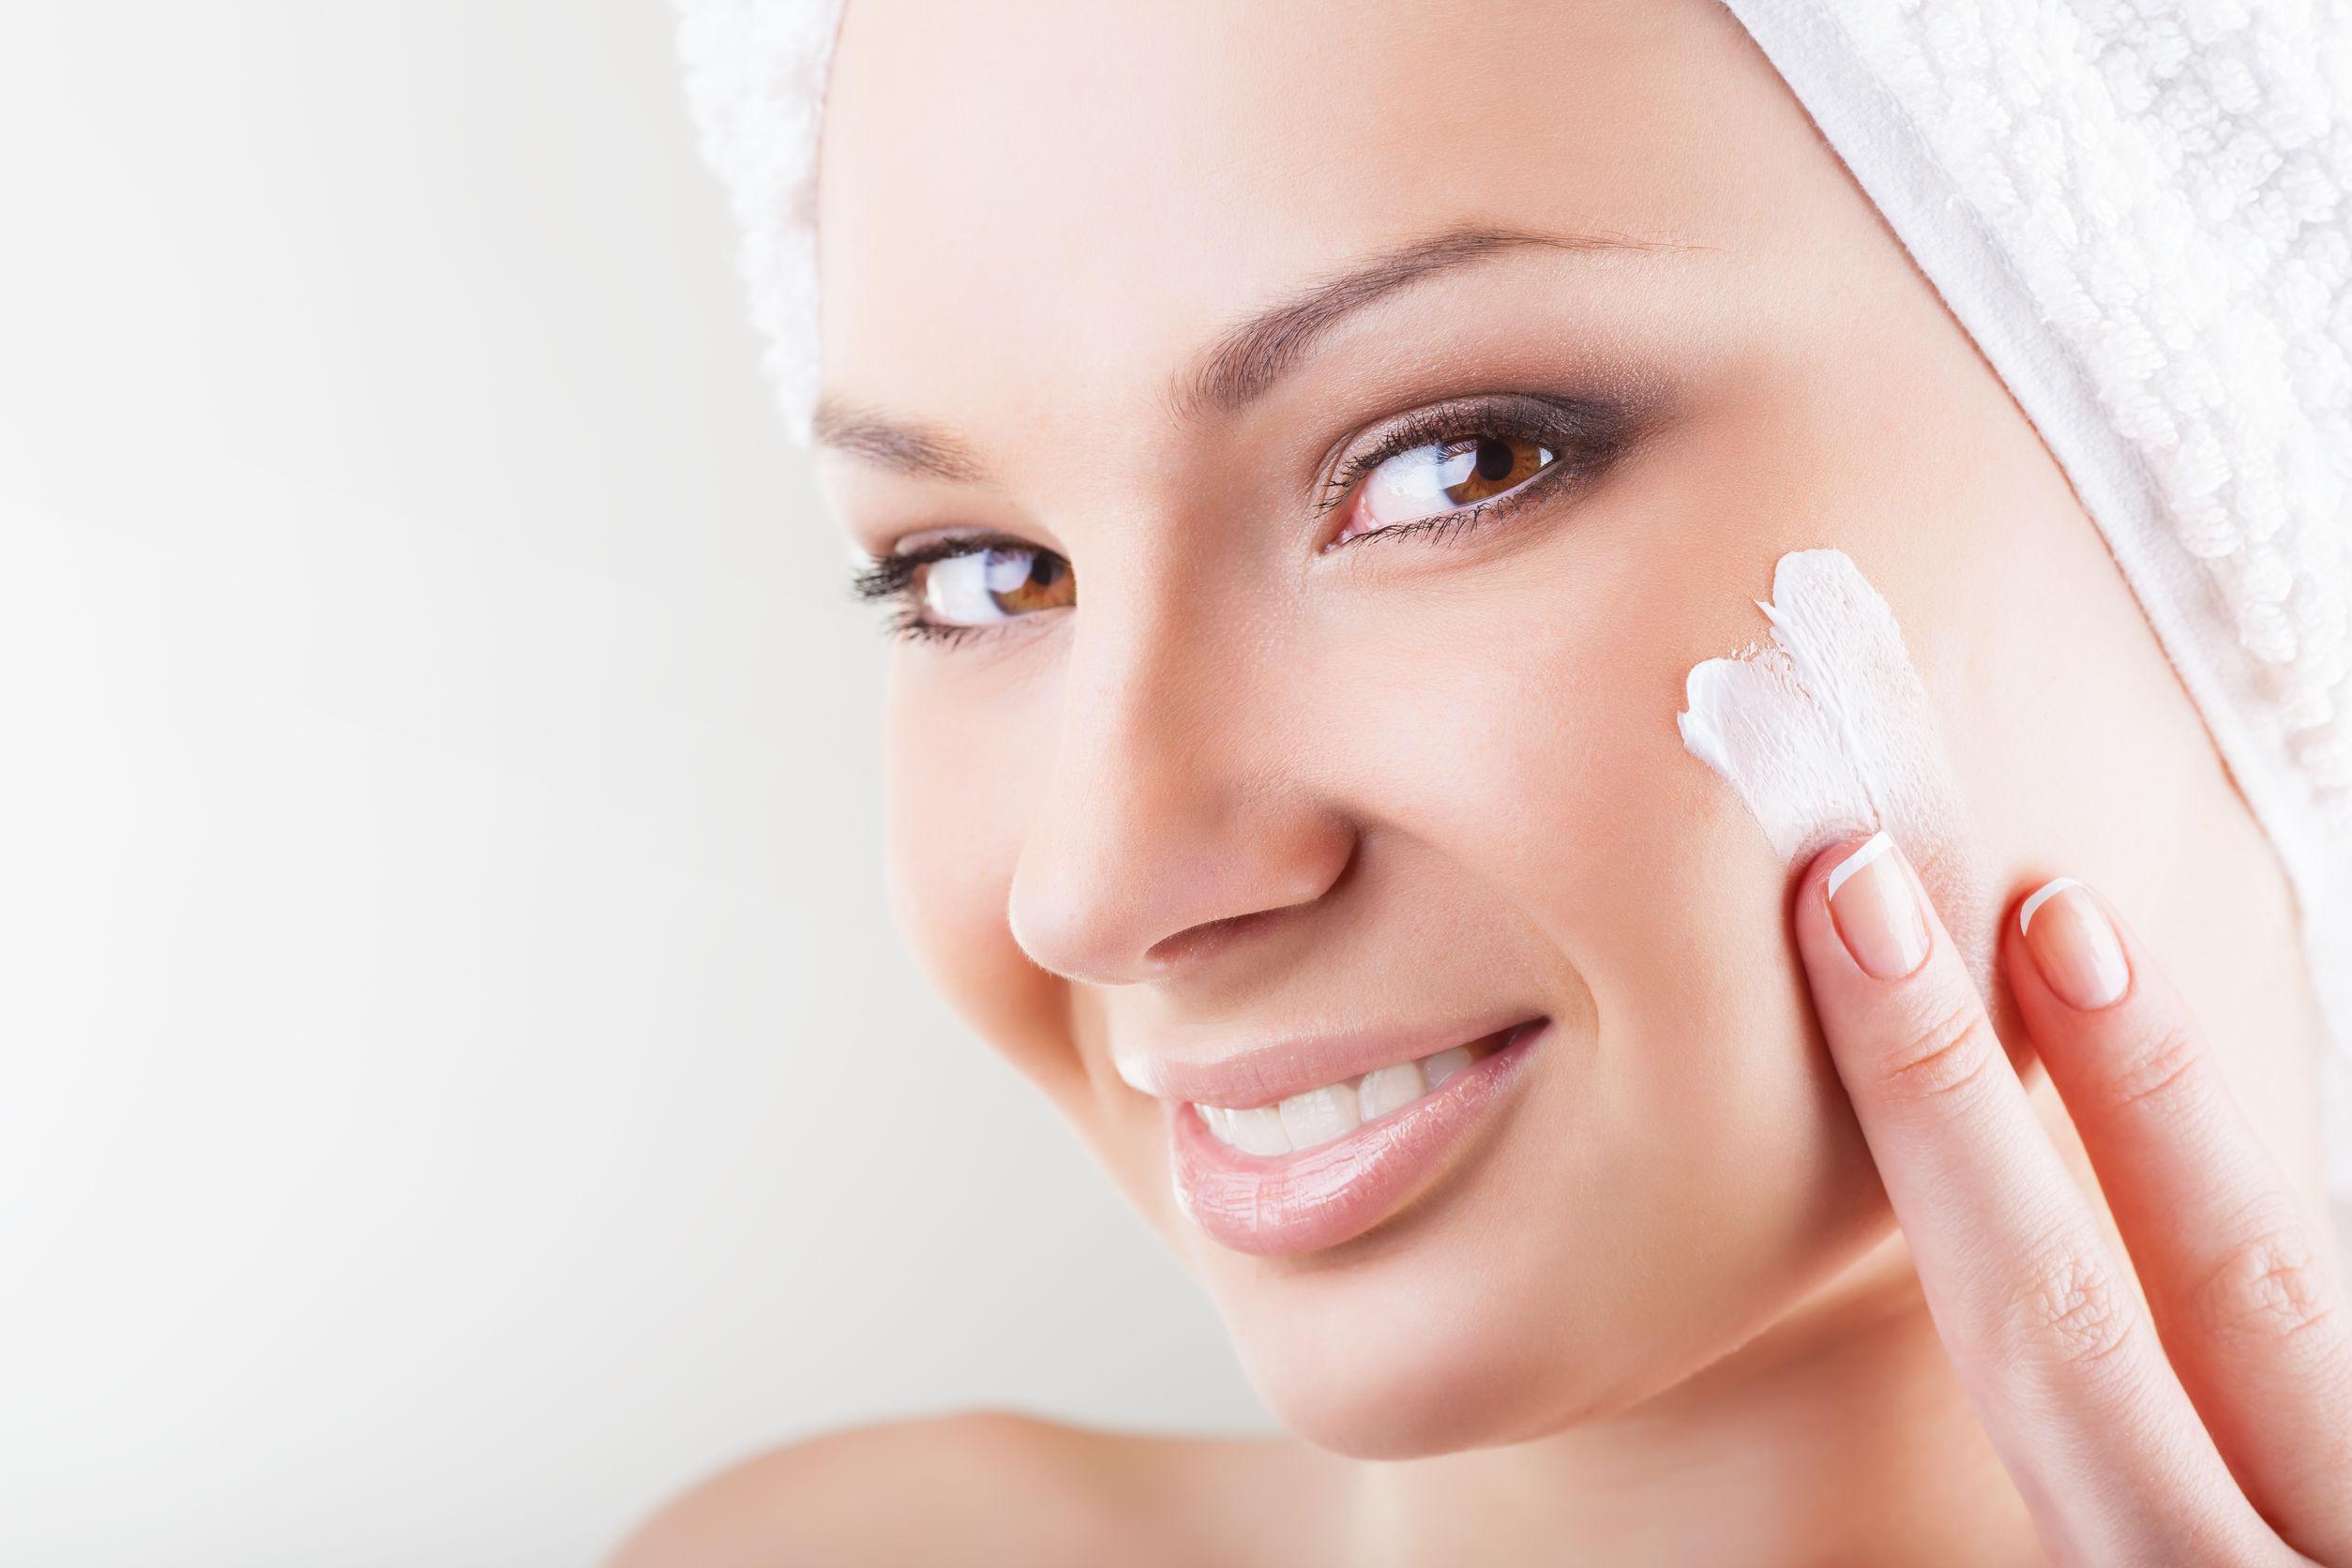 Mitos e verdades sobre hidratação da pele